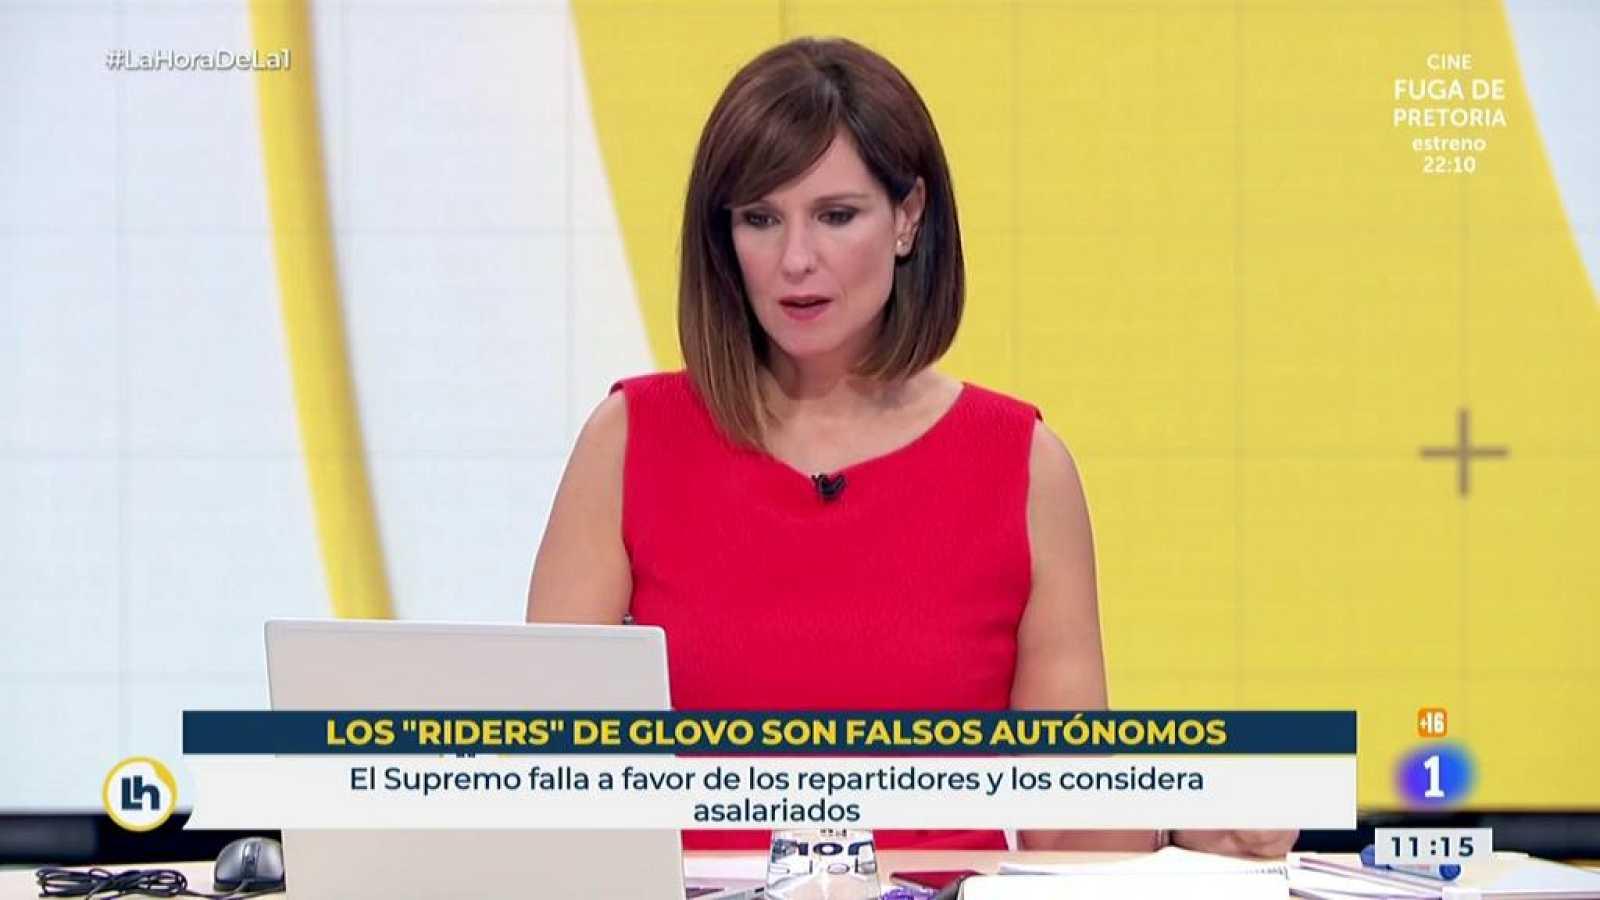 El Supremo declara que los riders son asalariados